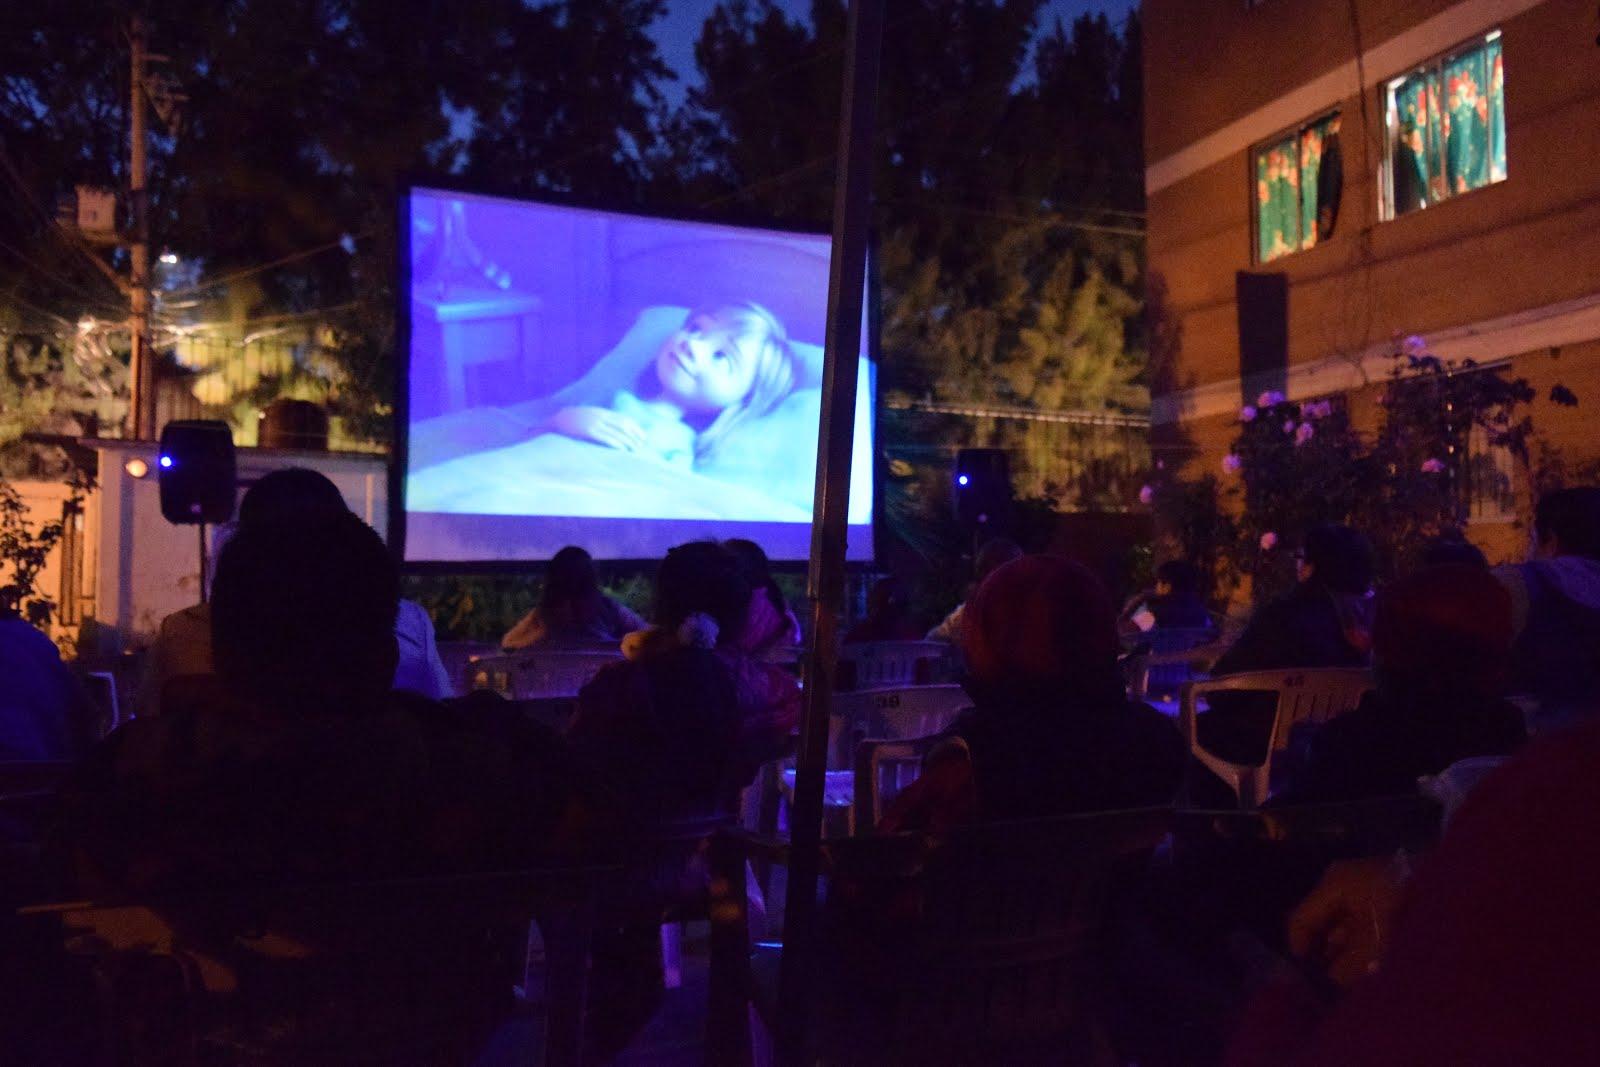 Cineclubes y exhibidores independientes tratan de sumar esfuerzos